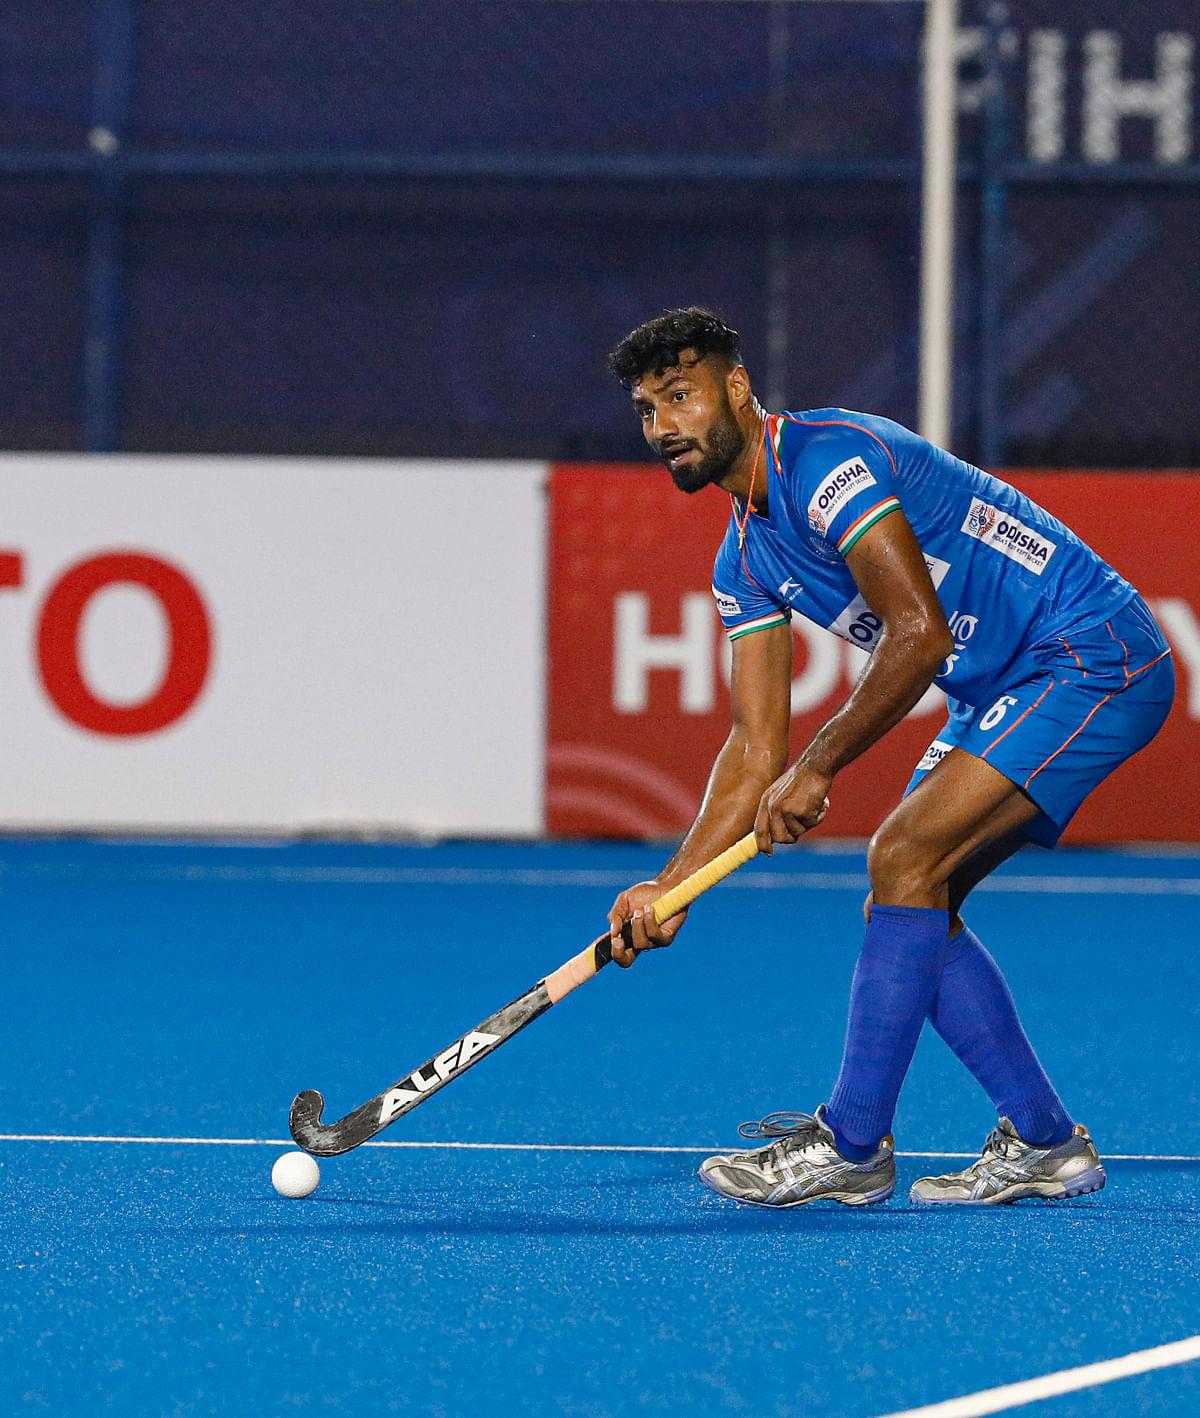 मजबूत रक्षा पंक्ति लगातार मैच जीतने के हमारे अवसरों की कुंजी होगी : सुरेंद्र कुमार